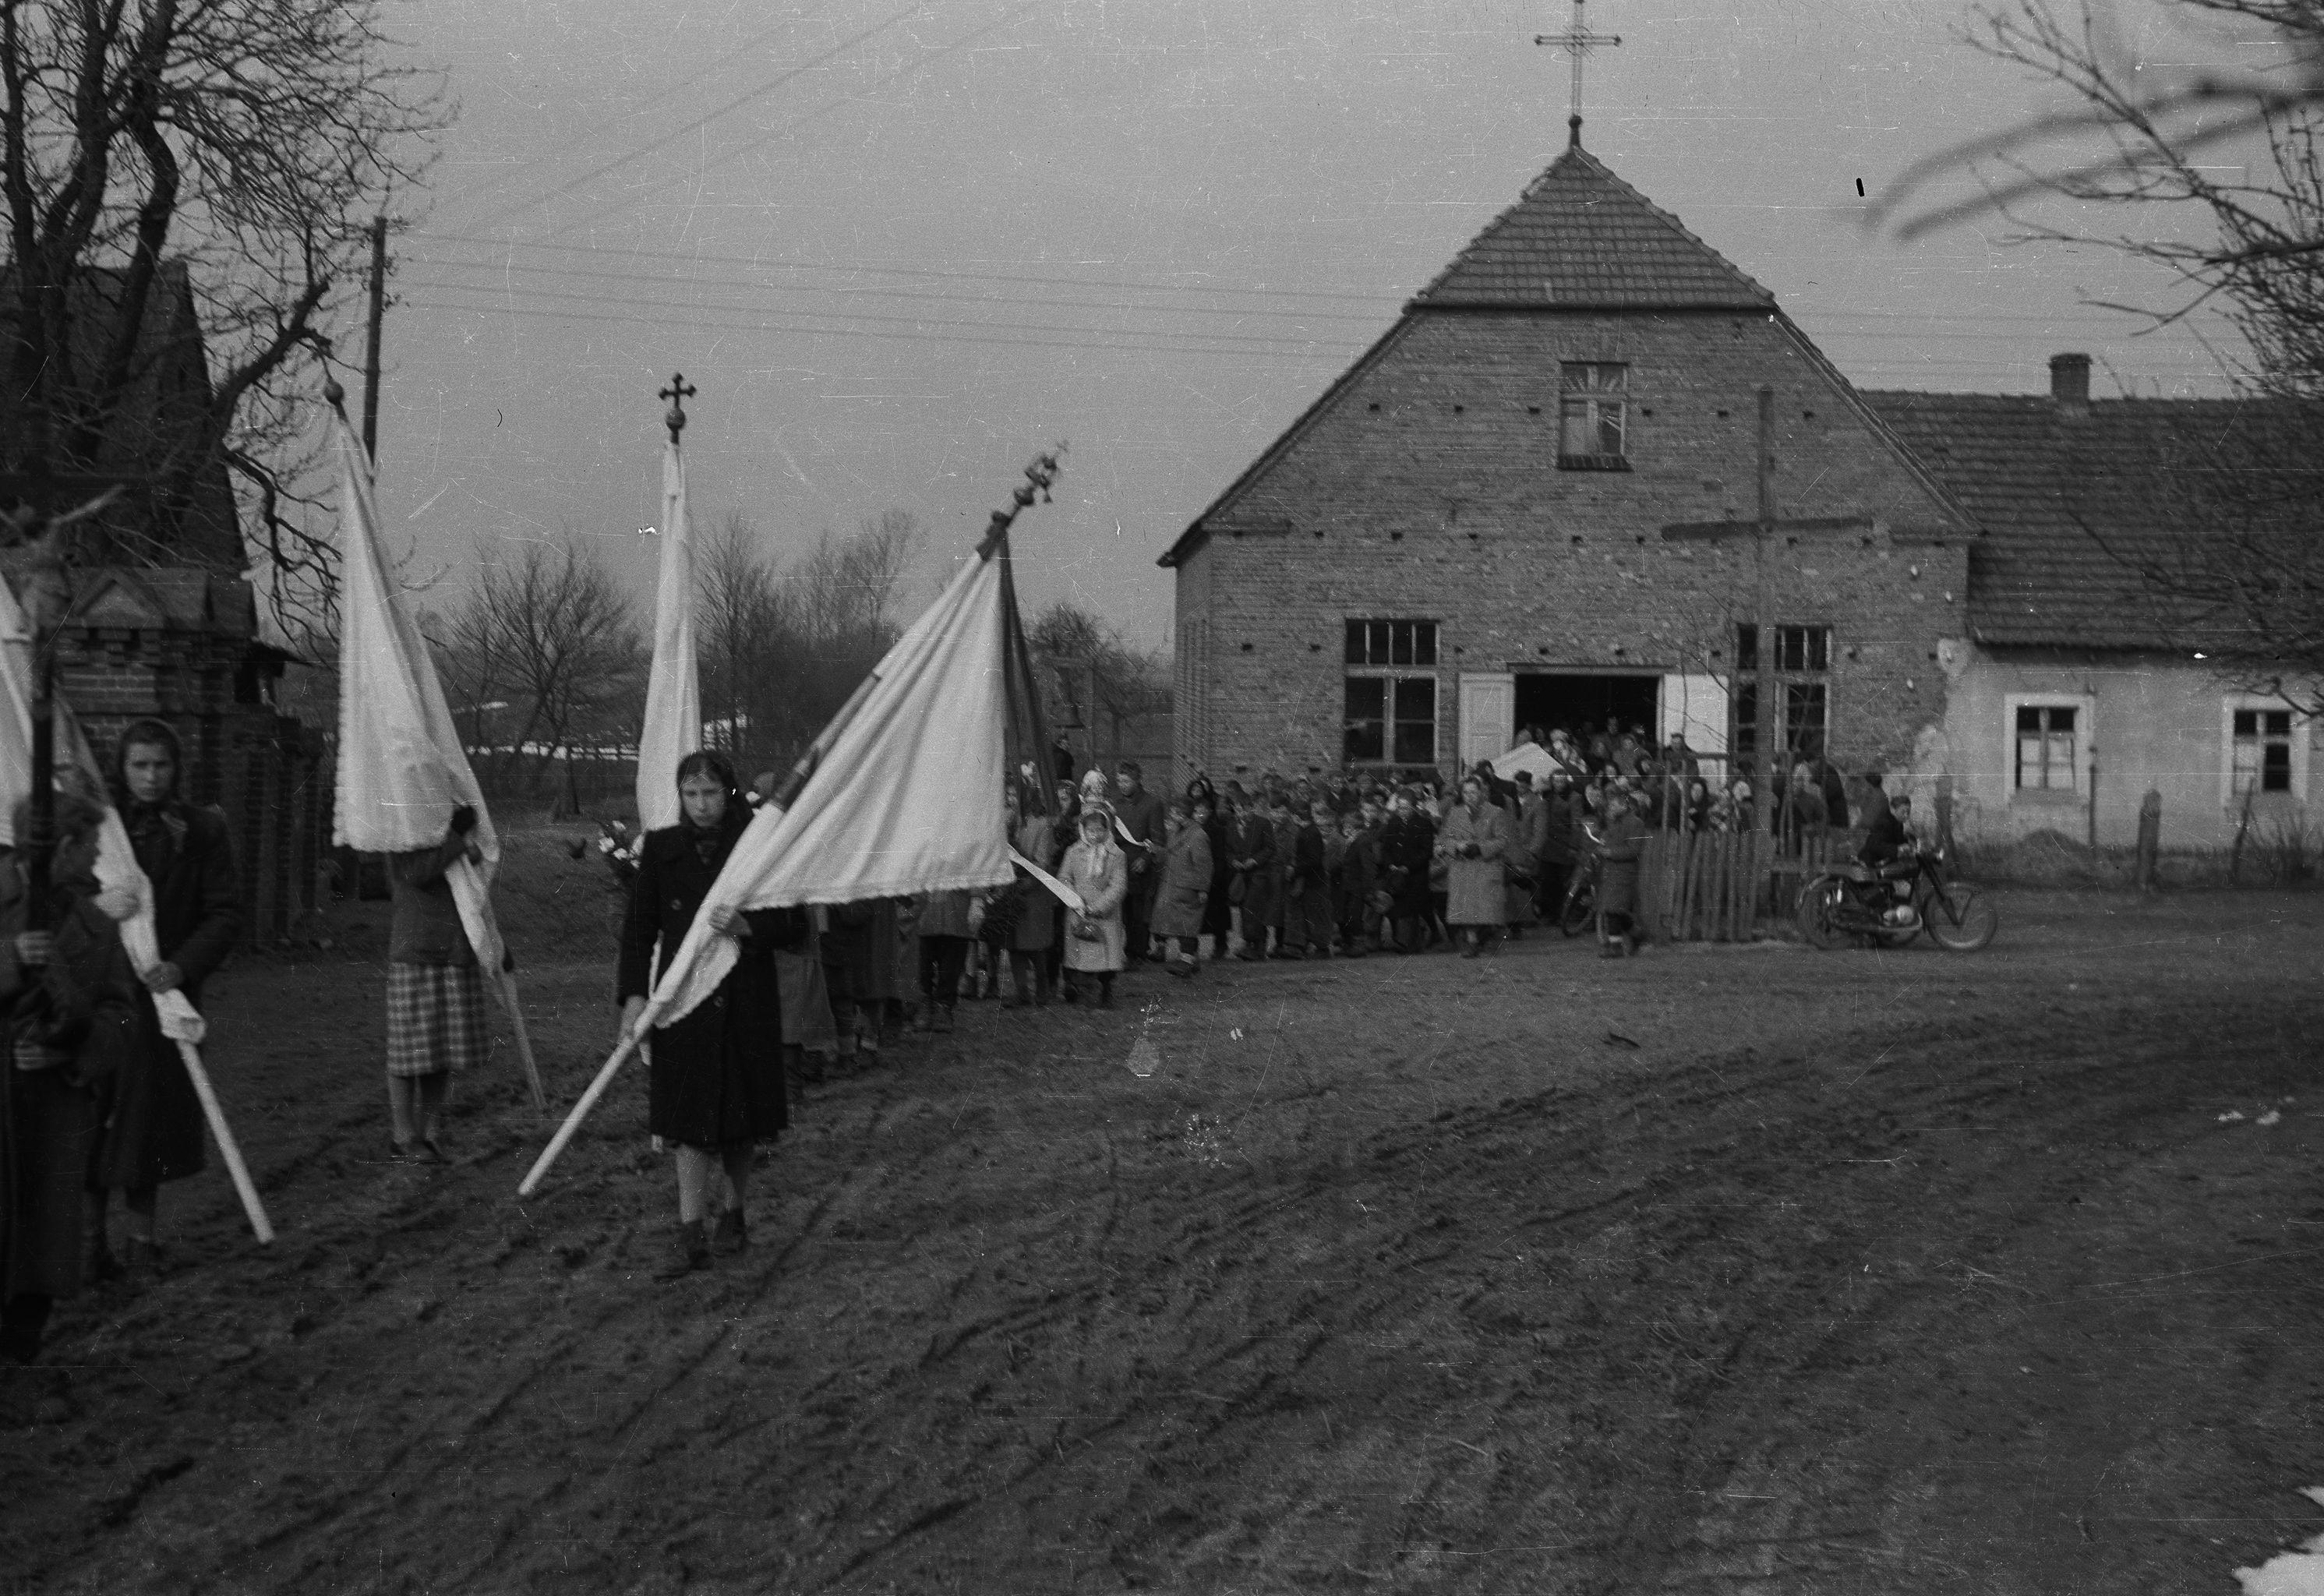 Pochód pogrzebowy,  Białawy Małe, Dolny Śląsk, lata 50. XX w.